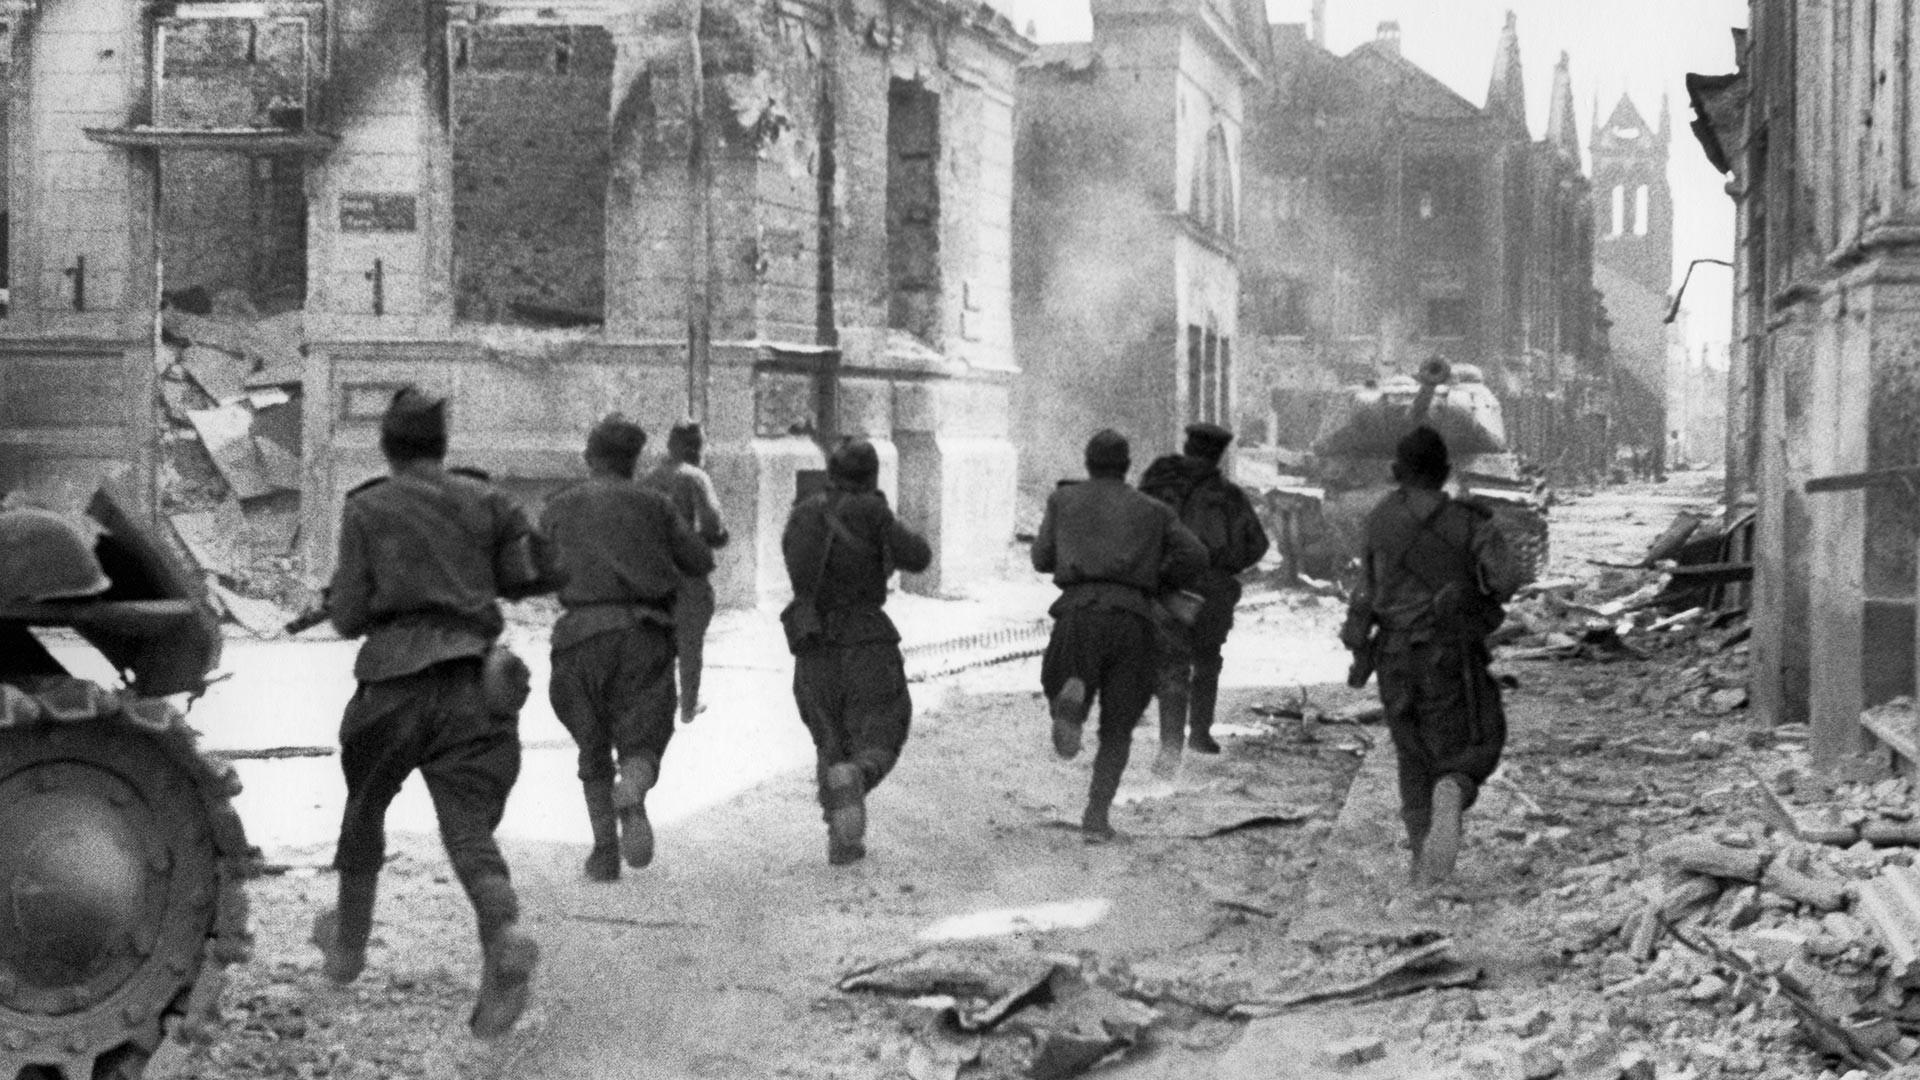 Војници на Првиот прибалтички фронт вооружени со автомати водат улични борби со германско-фашистичките освојувачи.